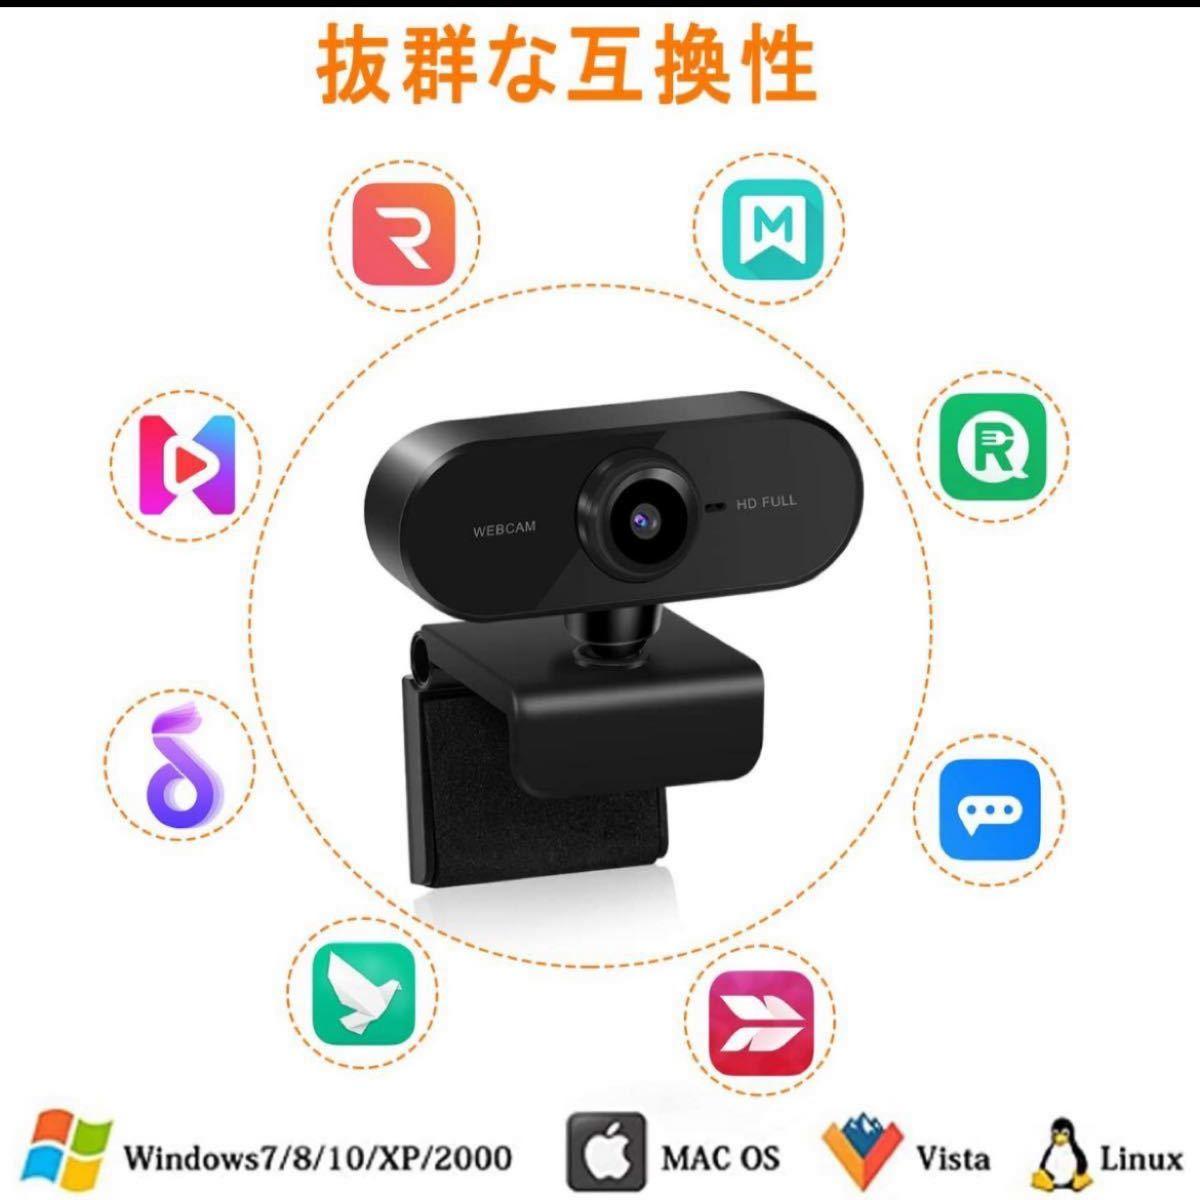 ウェブカメラ Yihao Webカメラ フルHD1080P マイク内蔵 30FPS オートフォーカス ドライバ不要 自動光補正